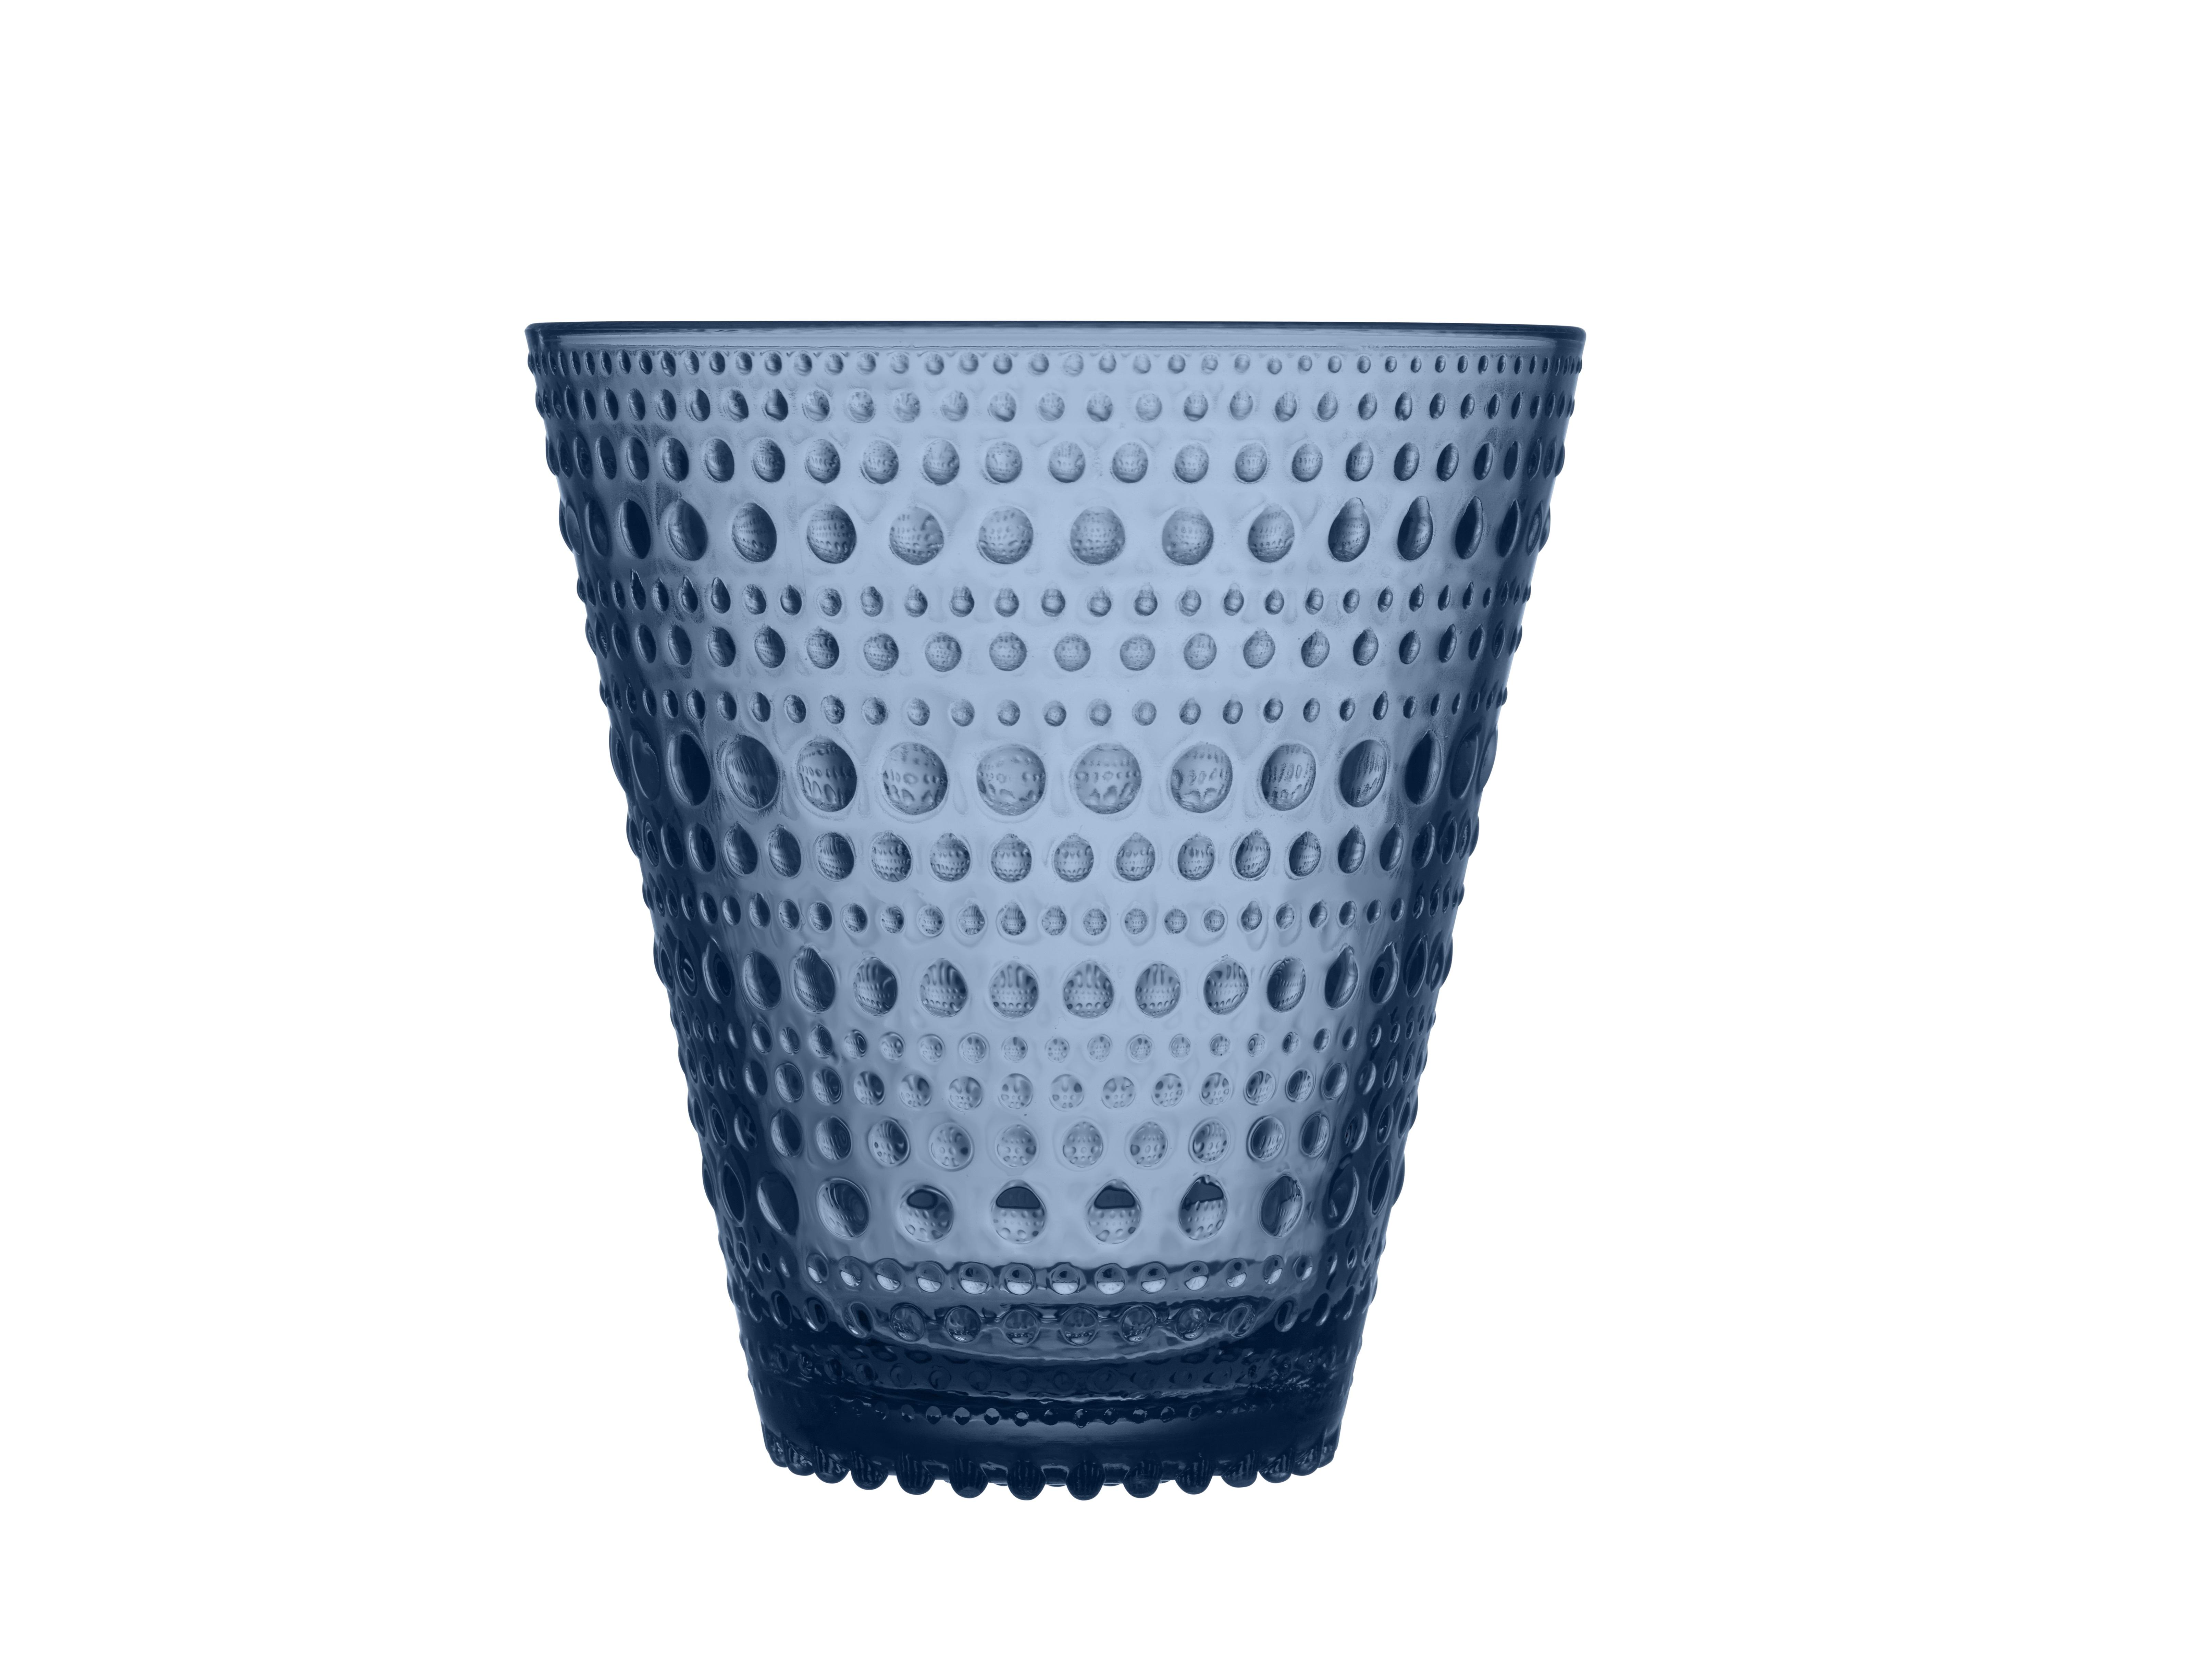 Стакан Kastehelmi (2 шт)Стаканы<br>Ассортимент Kastehelmi это изделия из стекла, которые были созданы в 1964 году. Чтобы отпразновать 50-летие сотрудничества с финским художником по цветному стеклу Ойва Тойкка компания Iittala в 2010 году отобрала наиболее популярные его работы. Тойкка решил проблему как скрыть дефекты серийного производства стеклянных предметов. Так появилась идея украсить продукцию капельками стекла.<br><br>Material: Стекло<br>Length см: None<br>Width см: 18<br>Depth см: 111<br>Height см: 9<br>Diameter см: None